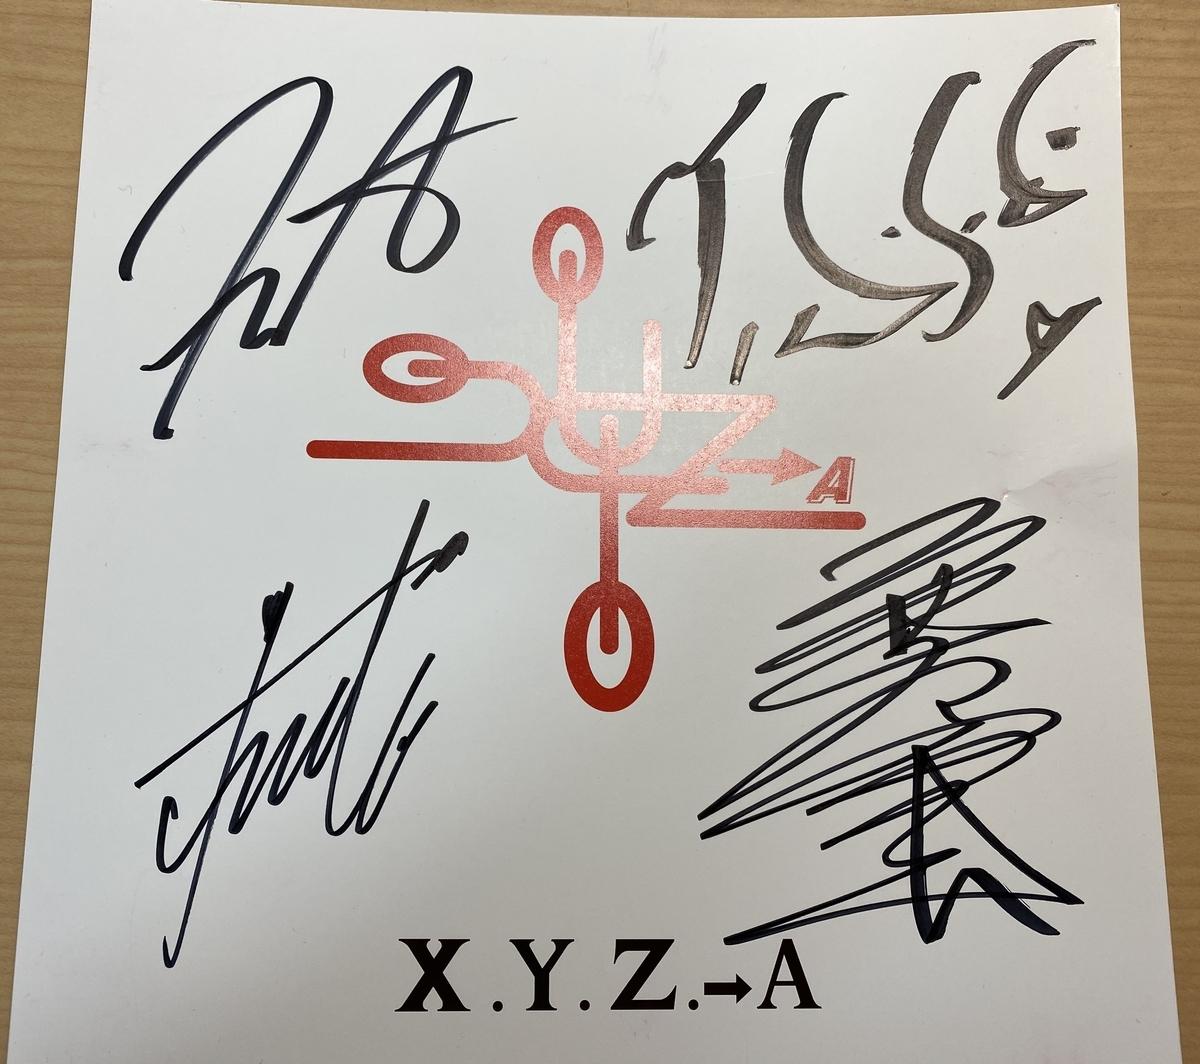 ファンキー末吉師匠から手渡されたメンバー全員のサイン